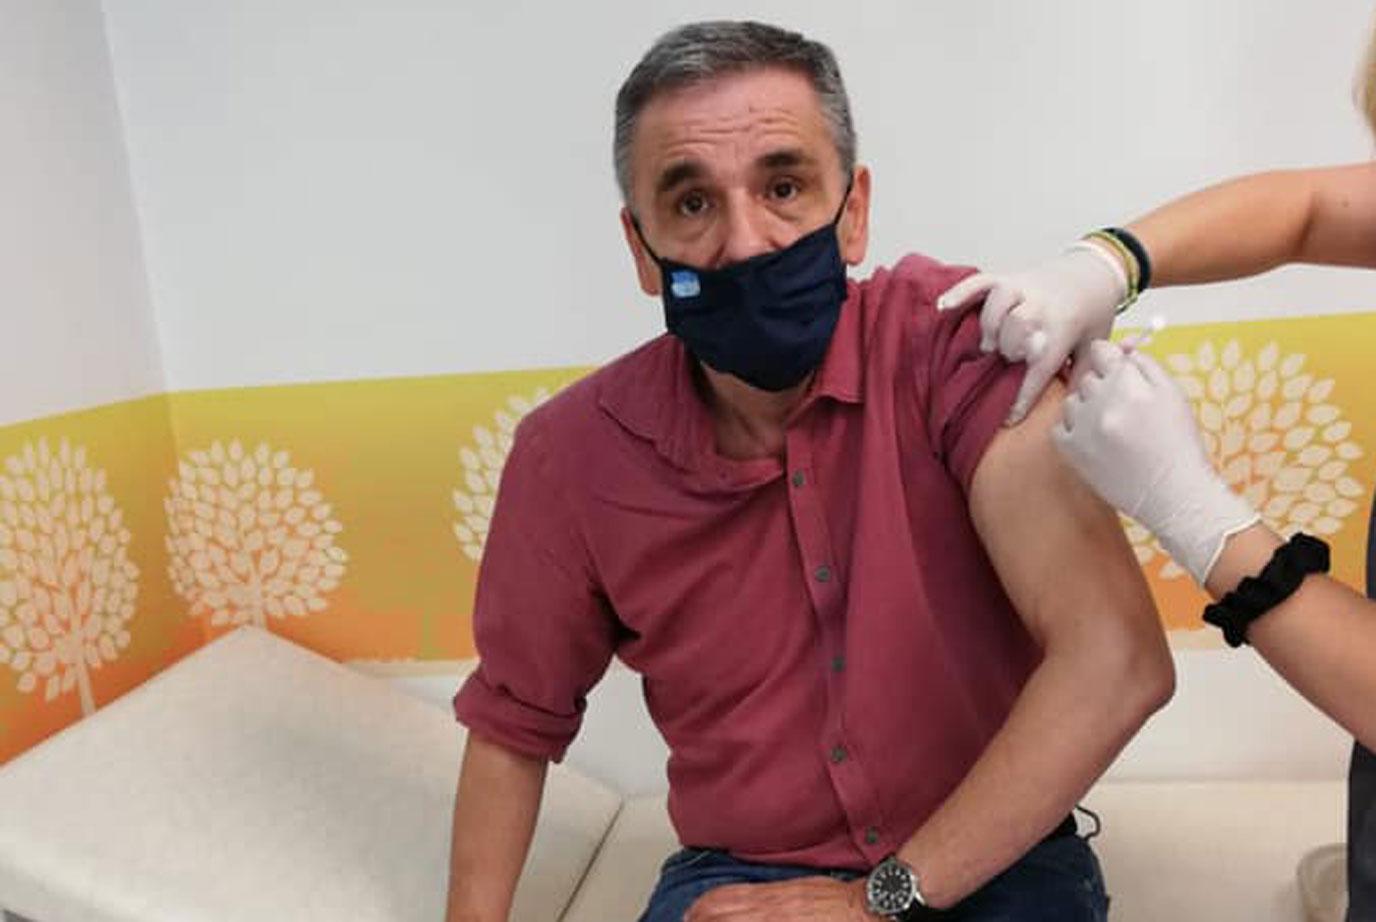 Ευκλείδης Τσακαλώτος: Από την πορεία στο εμβολιαστικό κέντρο για AstraZeneca